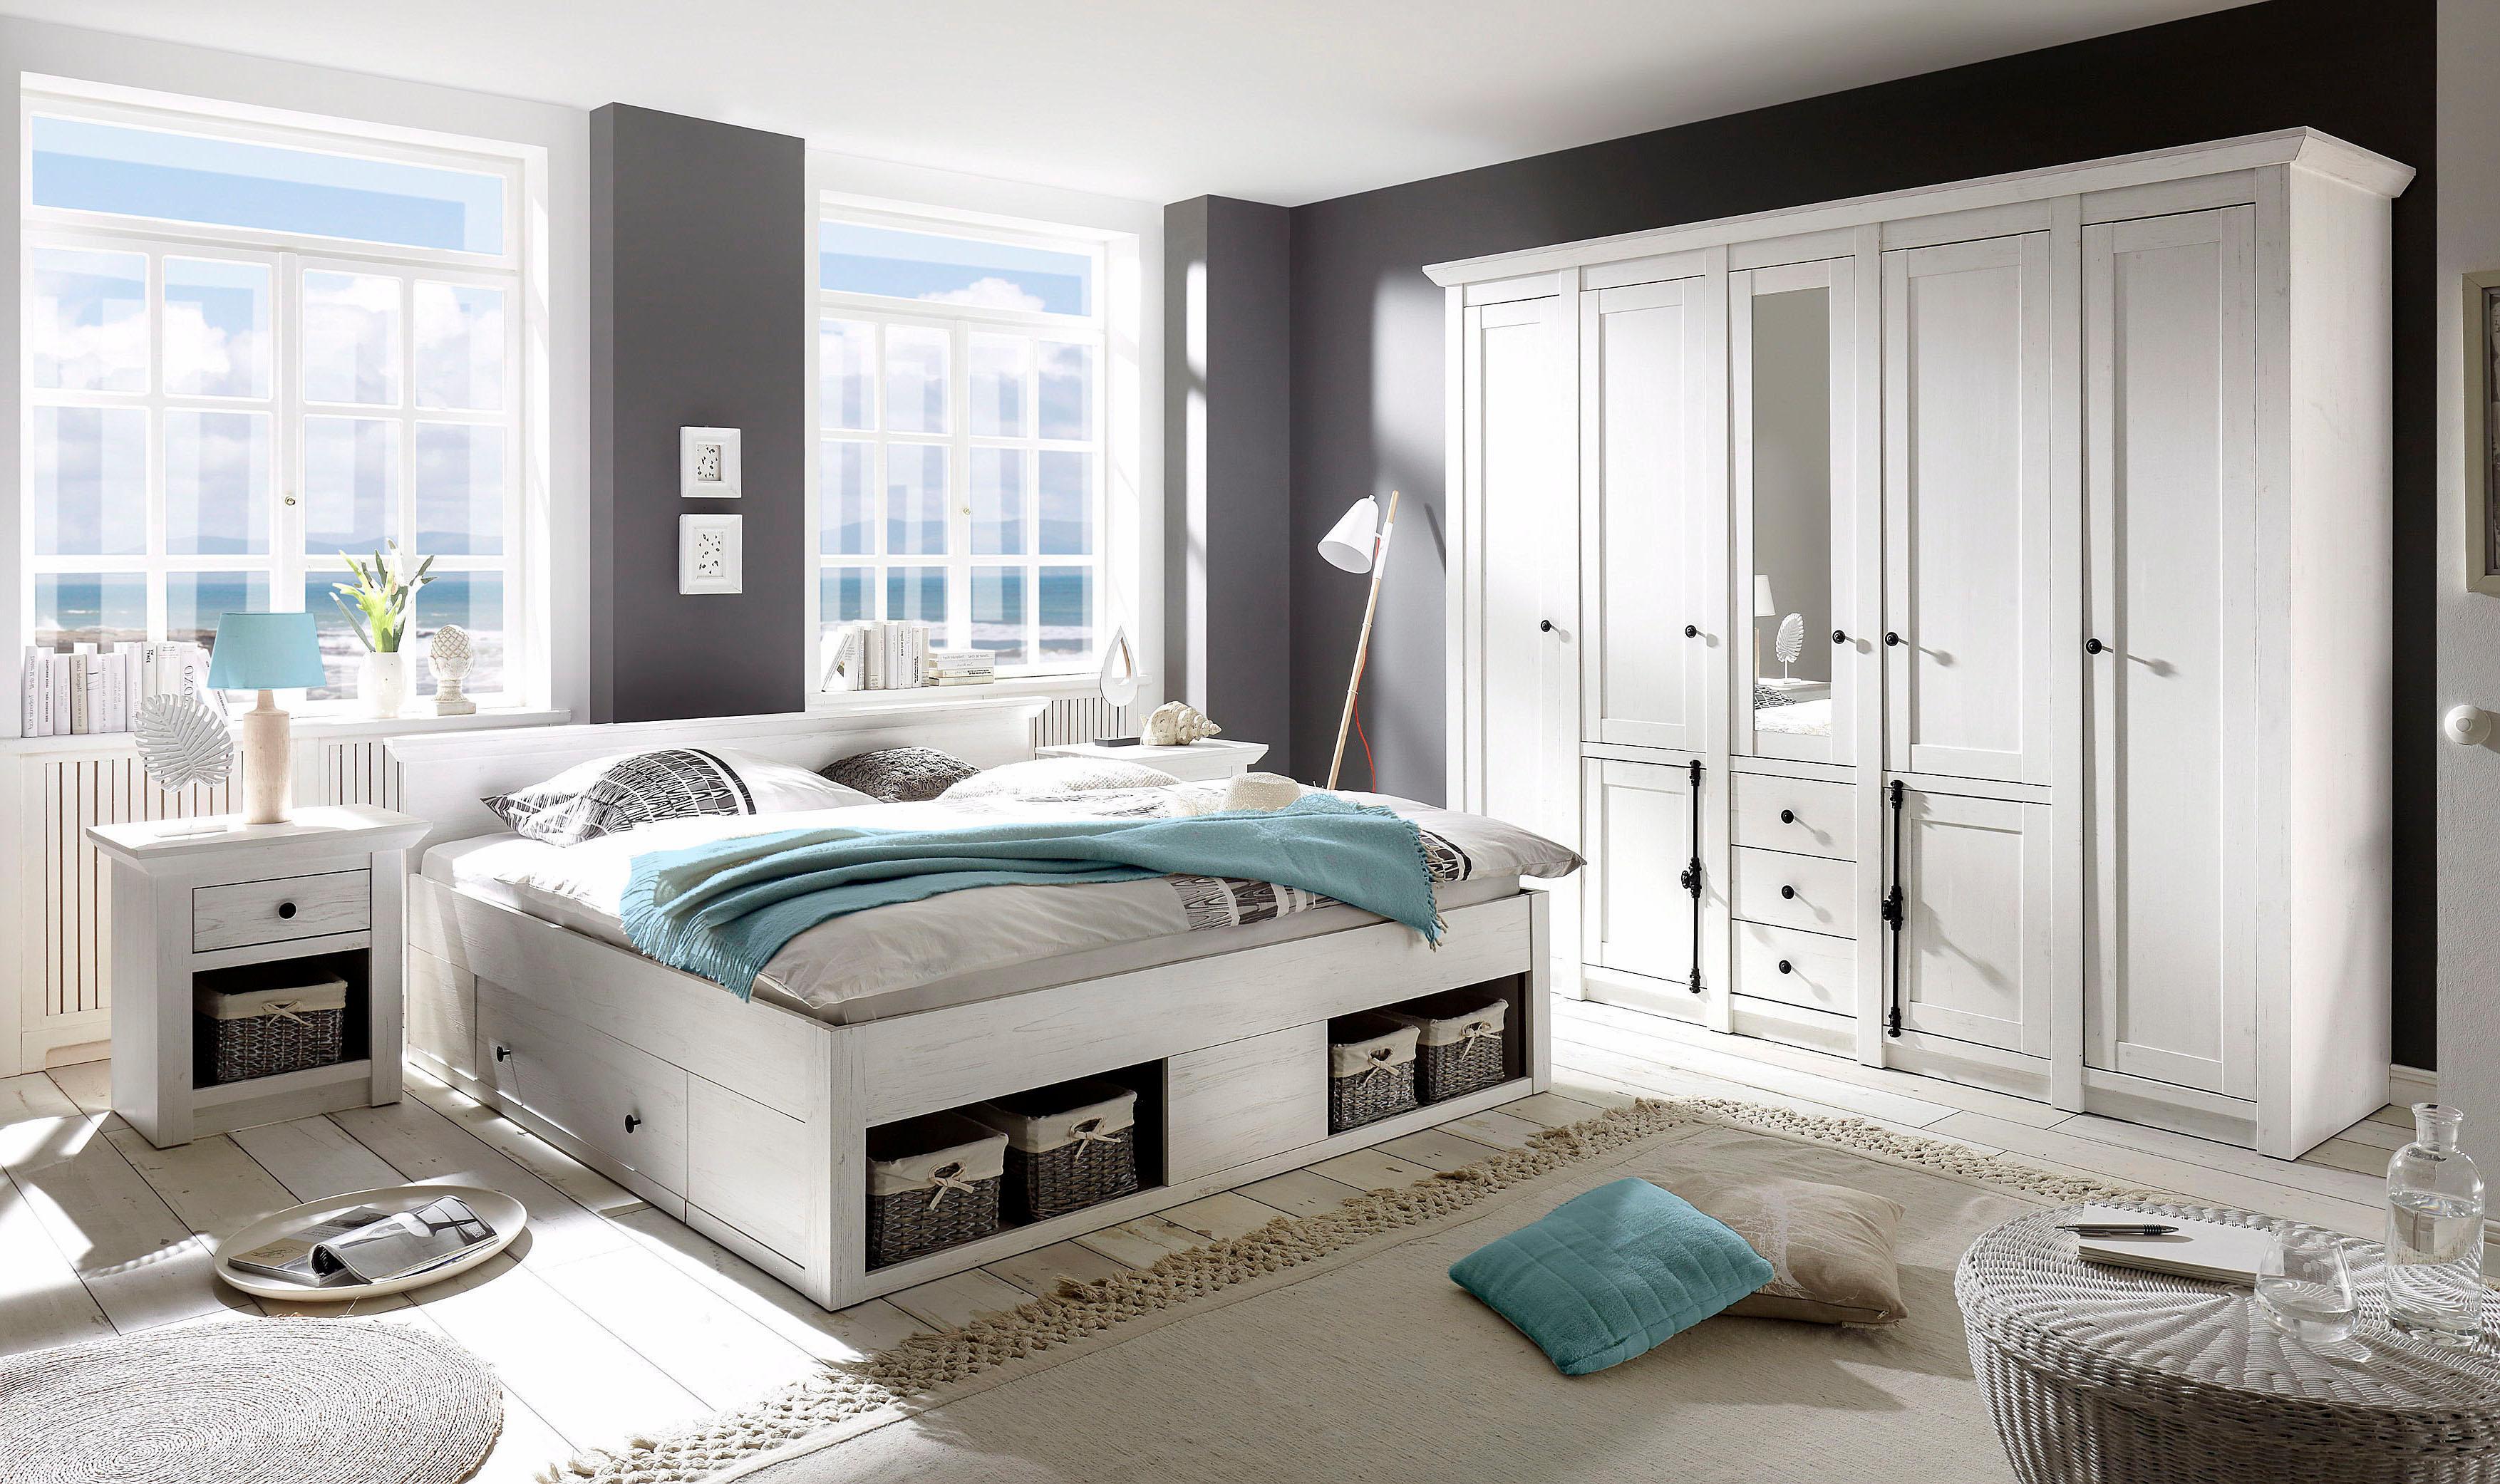 Home affaire Schlafzimmer-Set California 4-teilig: Bett 180 cm 2 Nachttische 5-trg Kleiderschrank